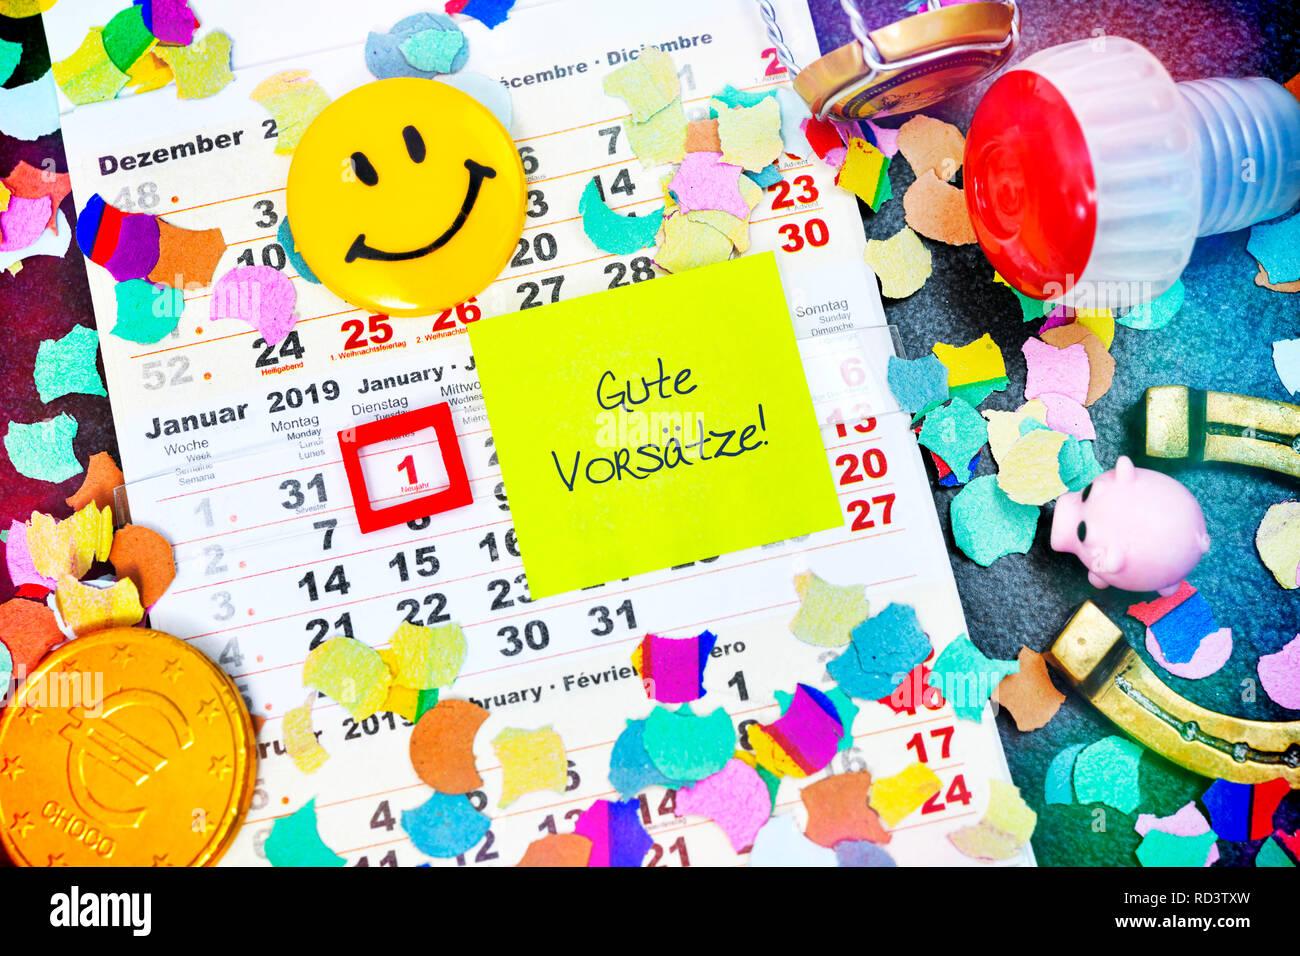 Calendar for 2019 and slip of paper with the label good intentions!, Kalender für das Jahr 2019 und Zettel mit der Aufschrift Gute Vorsätze! Stock Photo